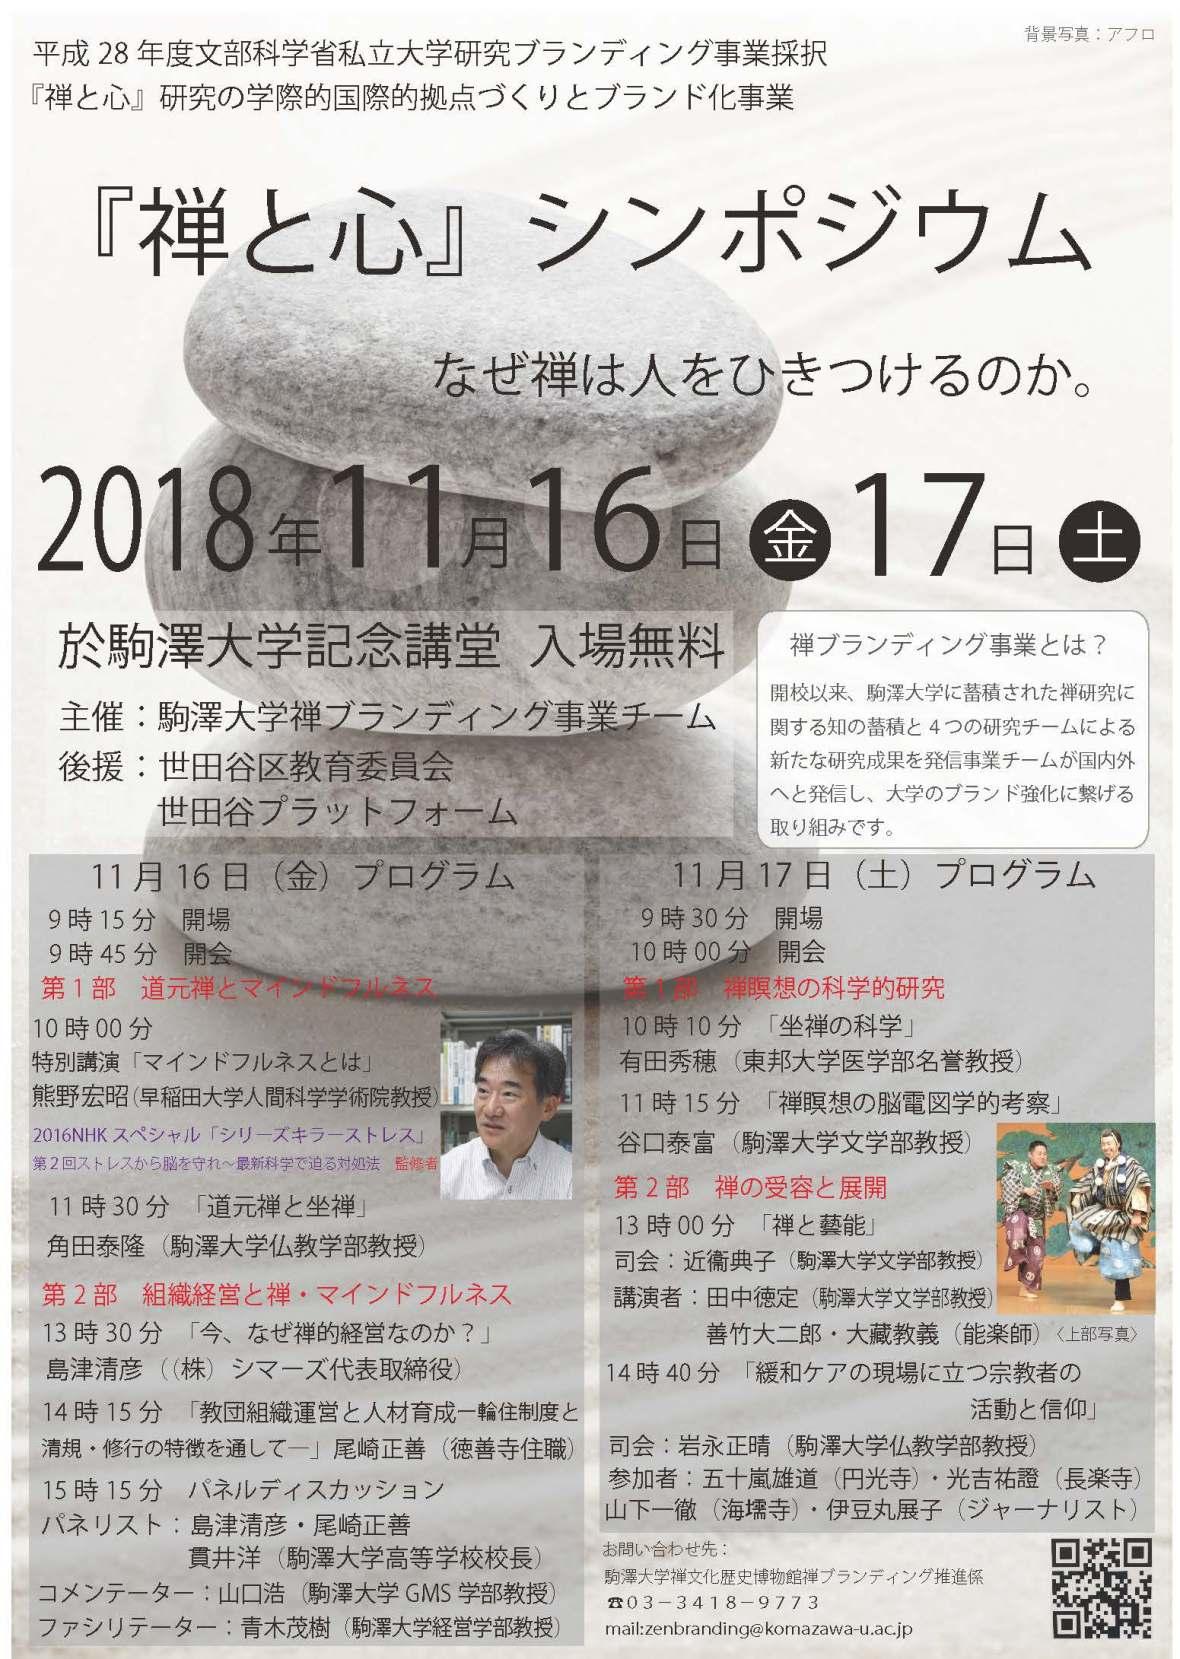 20181117zentokokoro